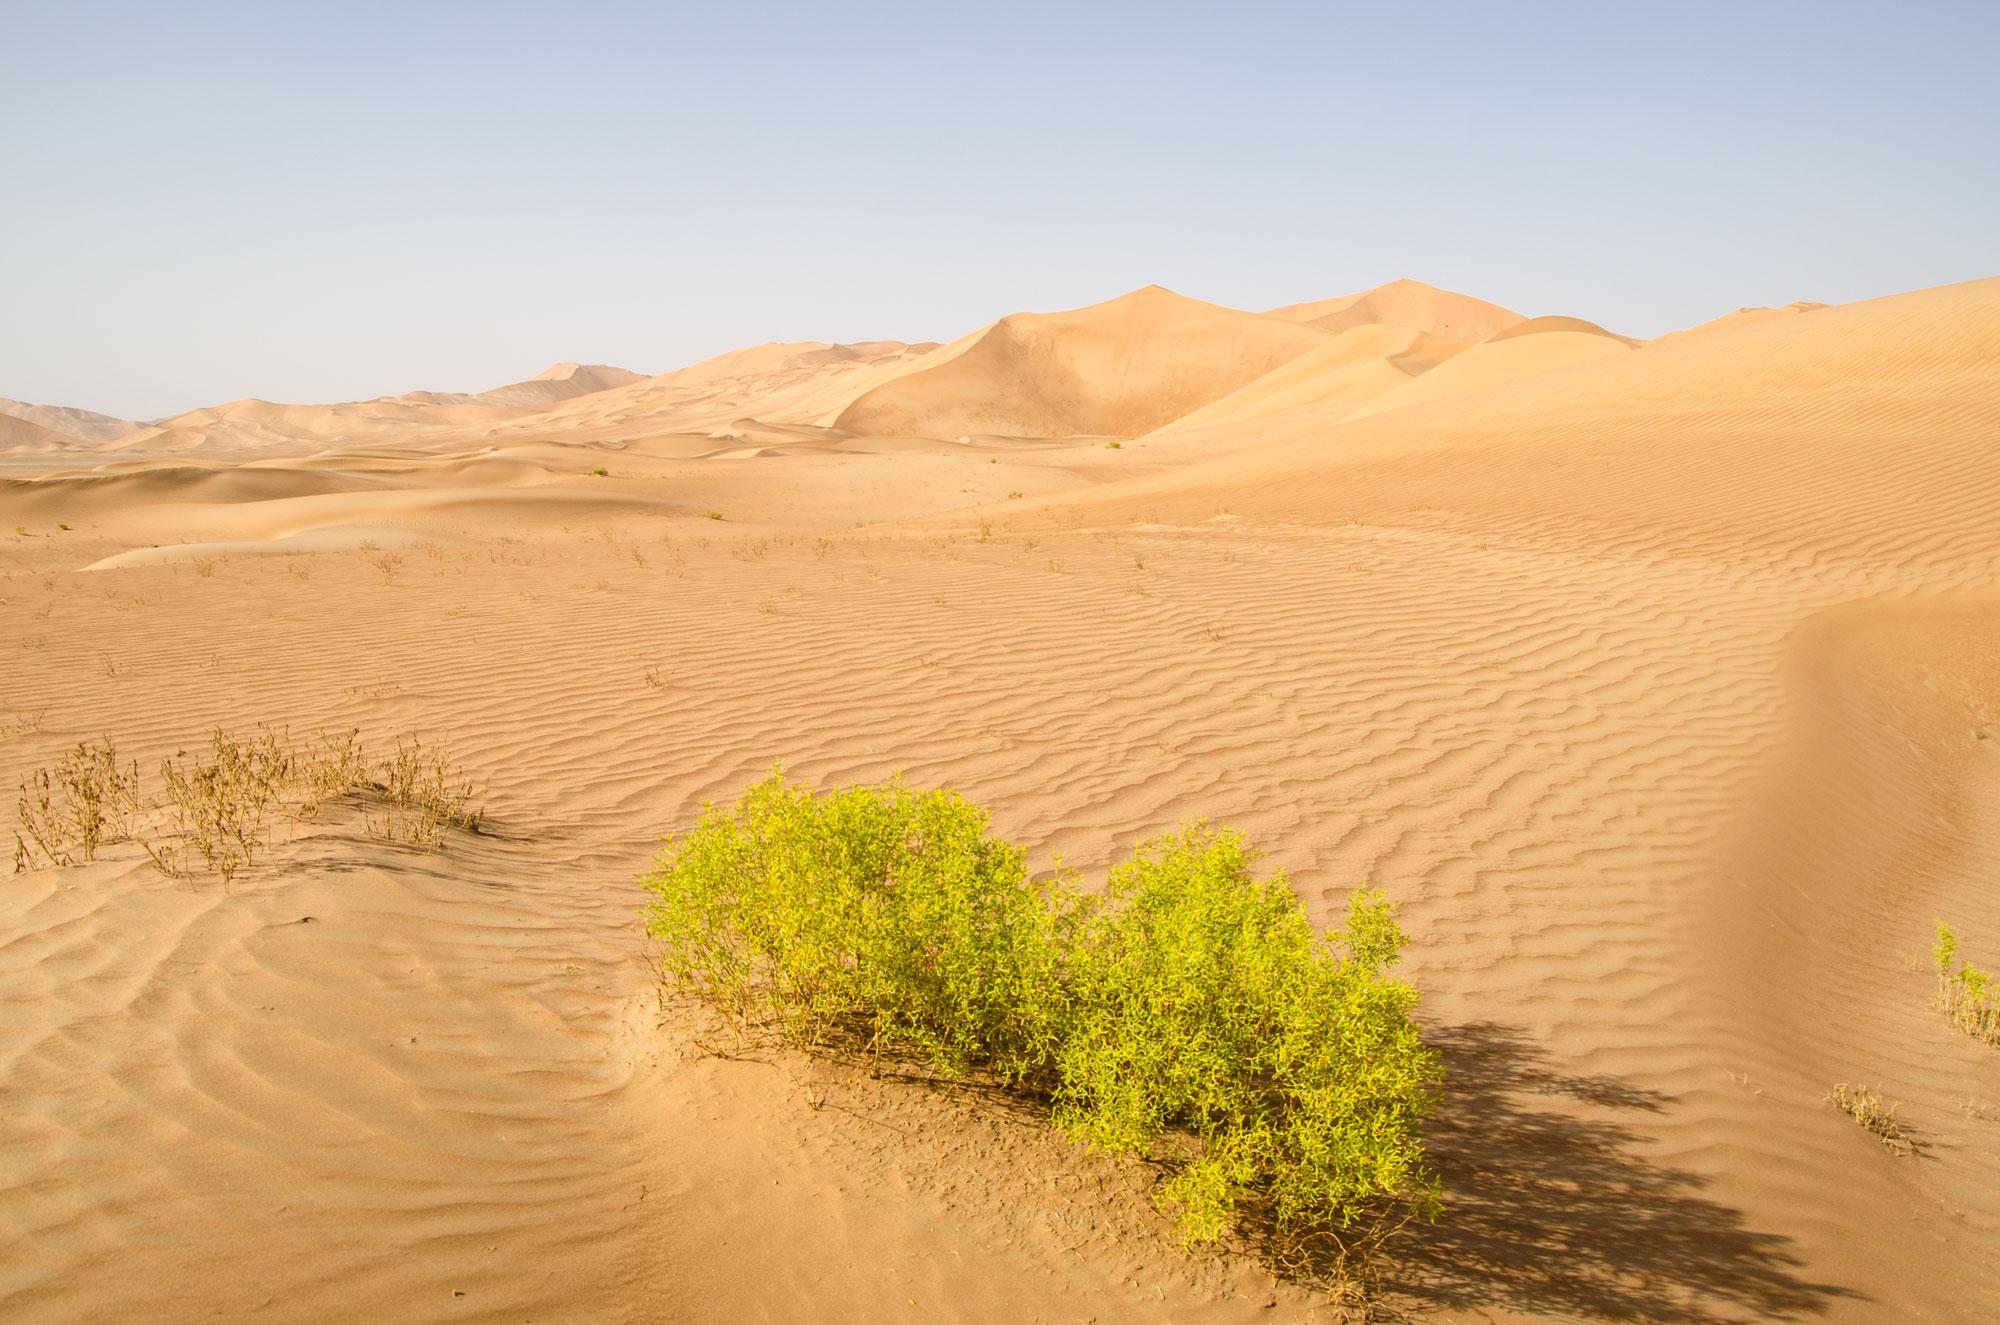 Trotz Sand und Hitze ist die Natur hartnäckig. Foto: Lothar Ruttner